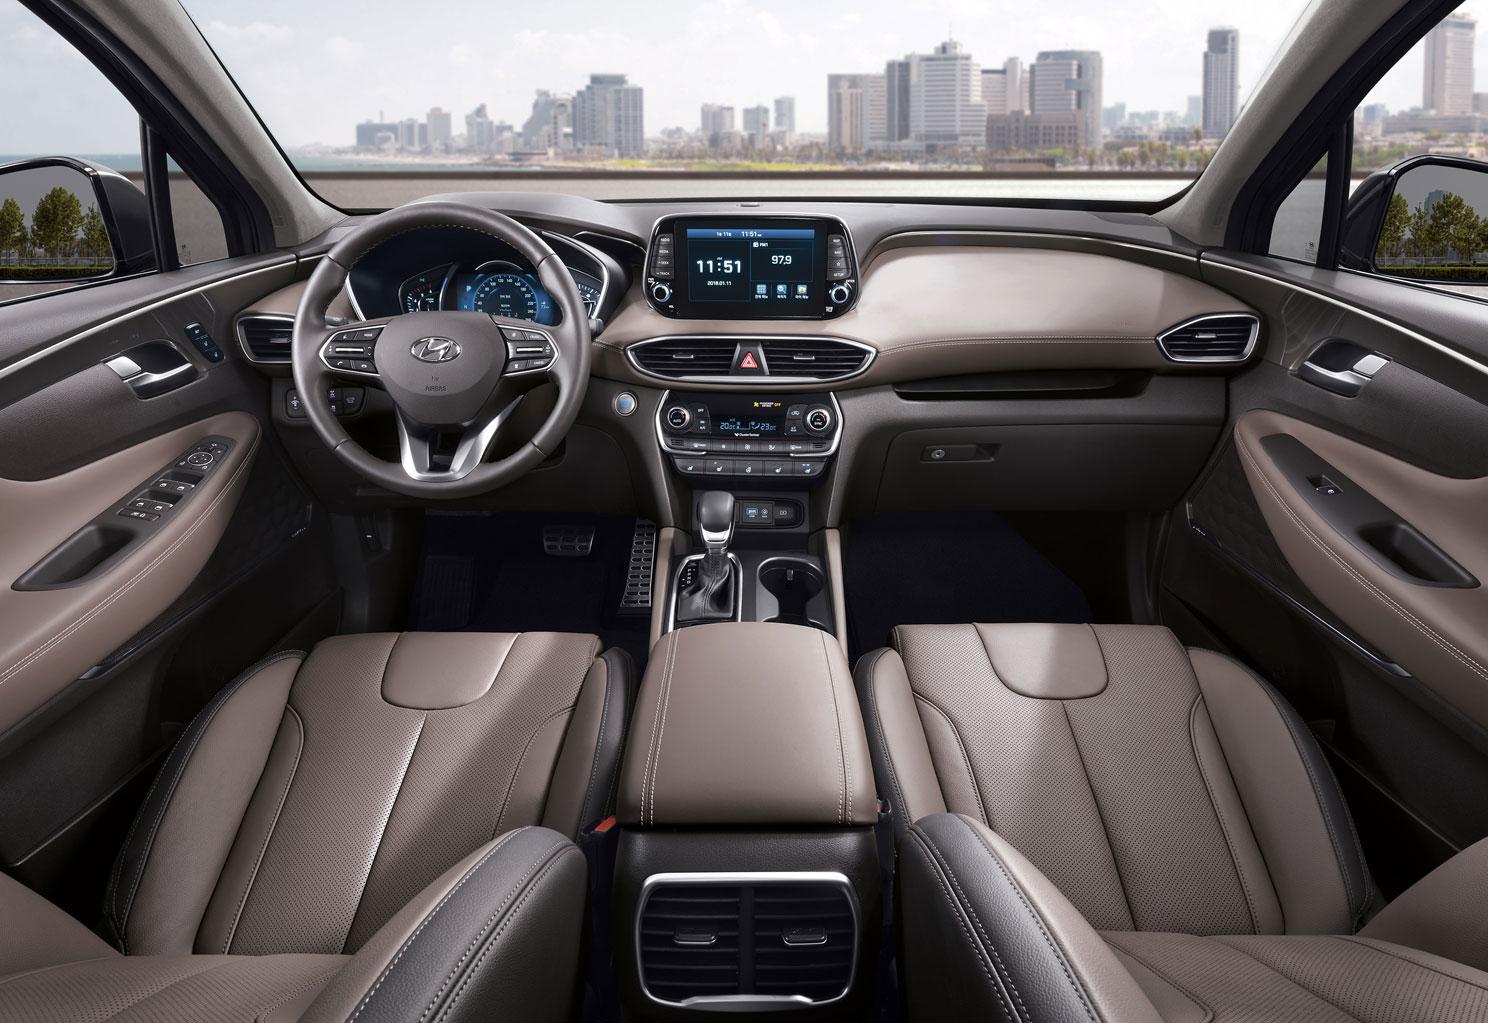 2018-Hyundai-Santa-Fe-Interior.jpg